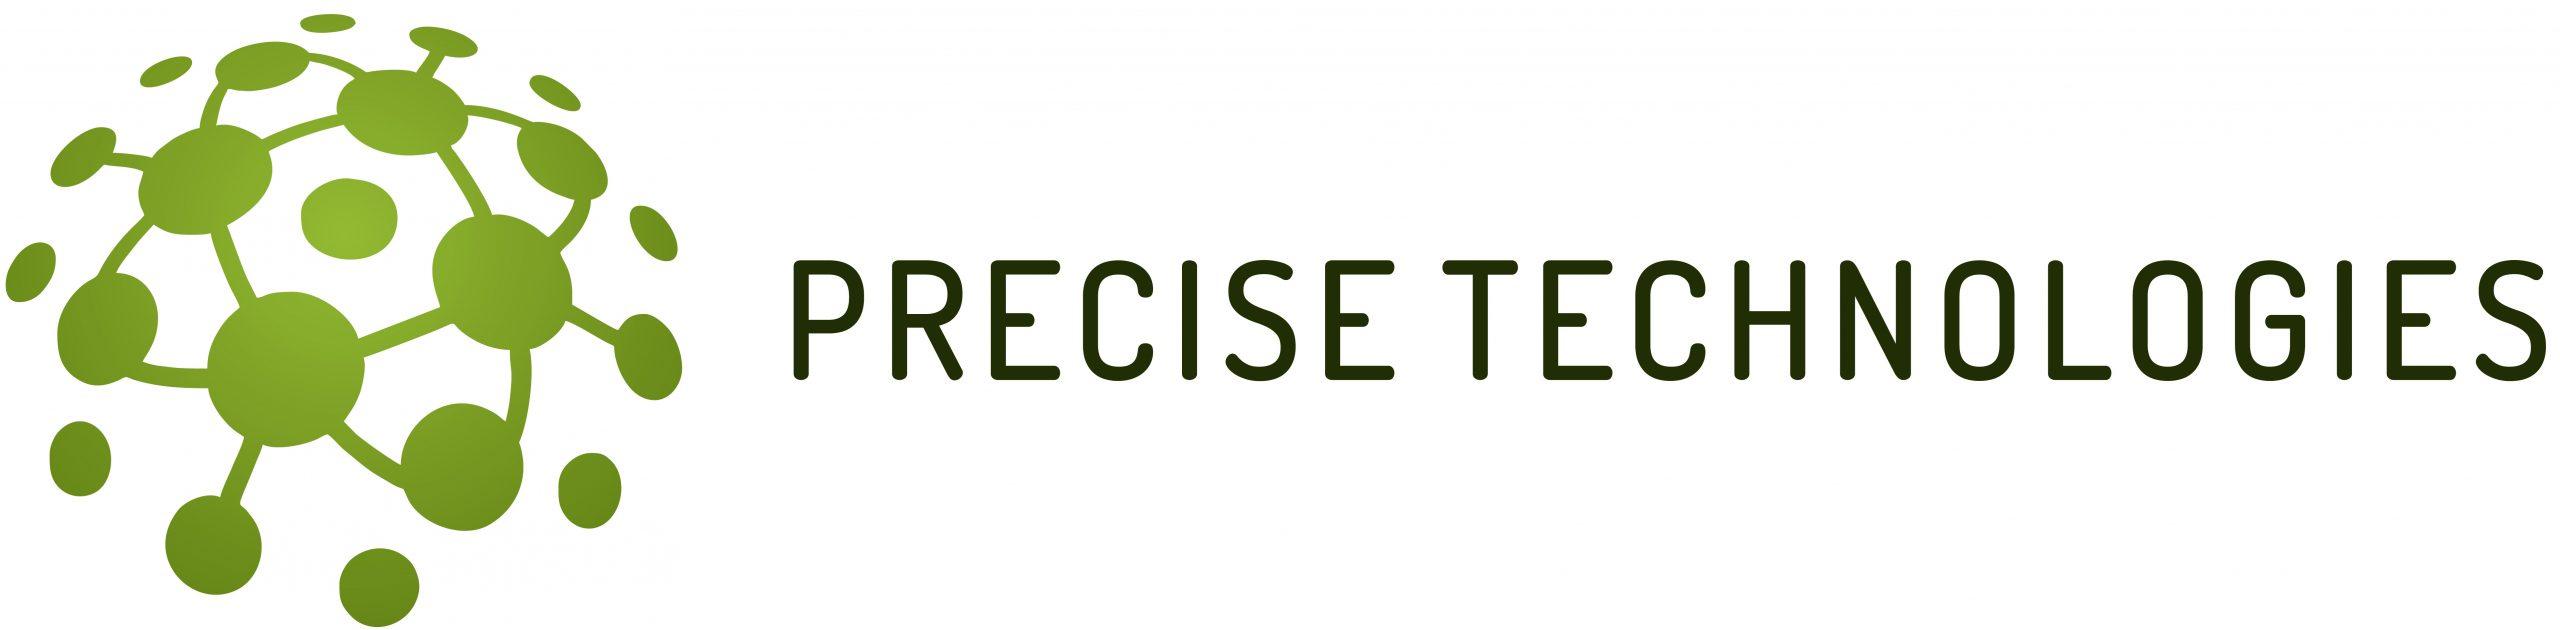 precise tech logo